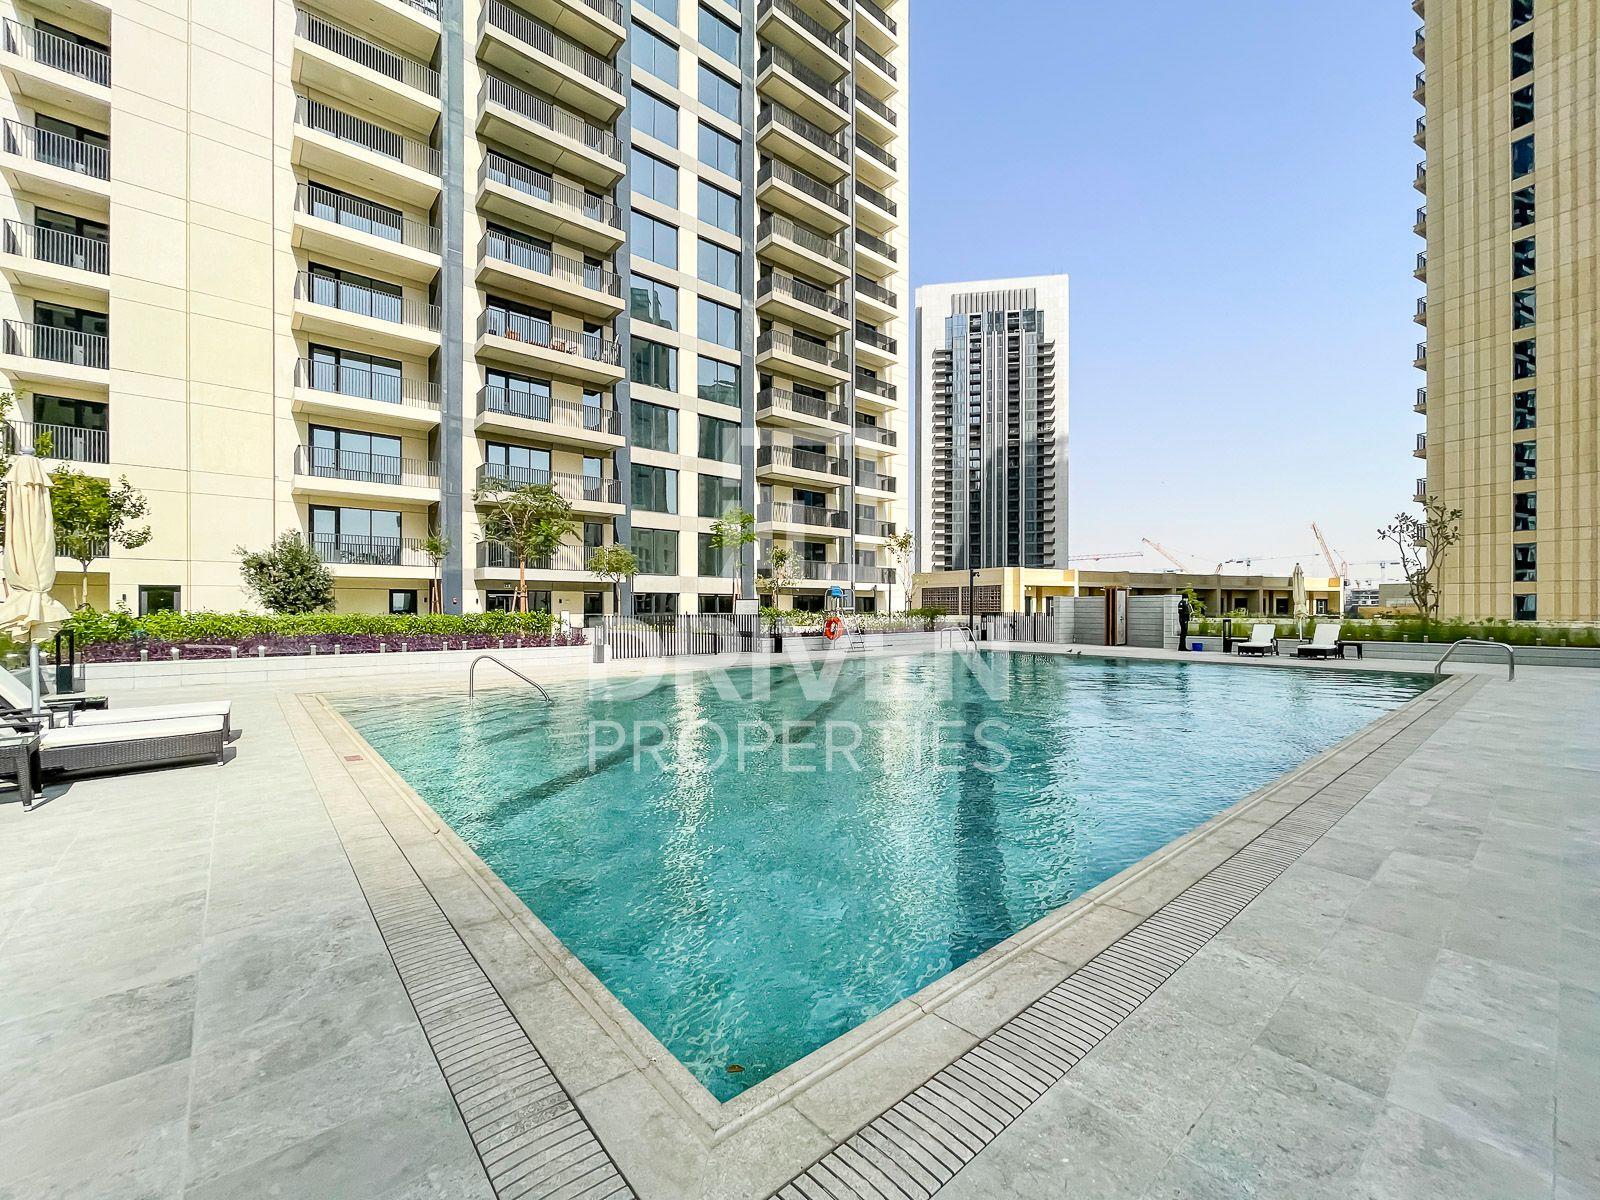 للايجار - شقة - الخور الأفق - ميناء خور دبي